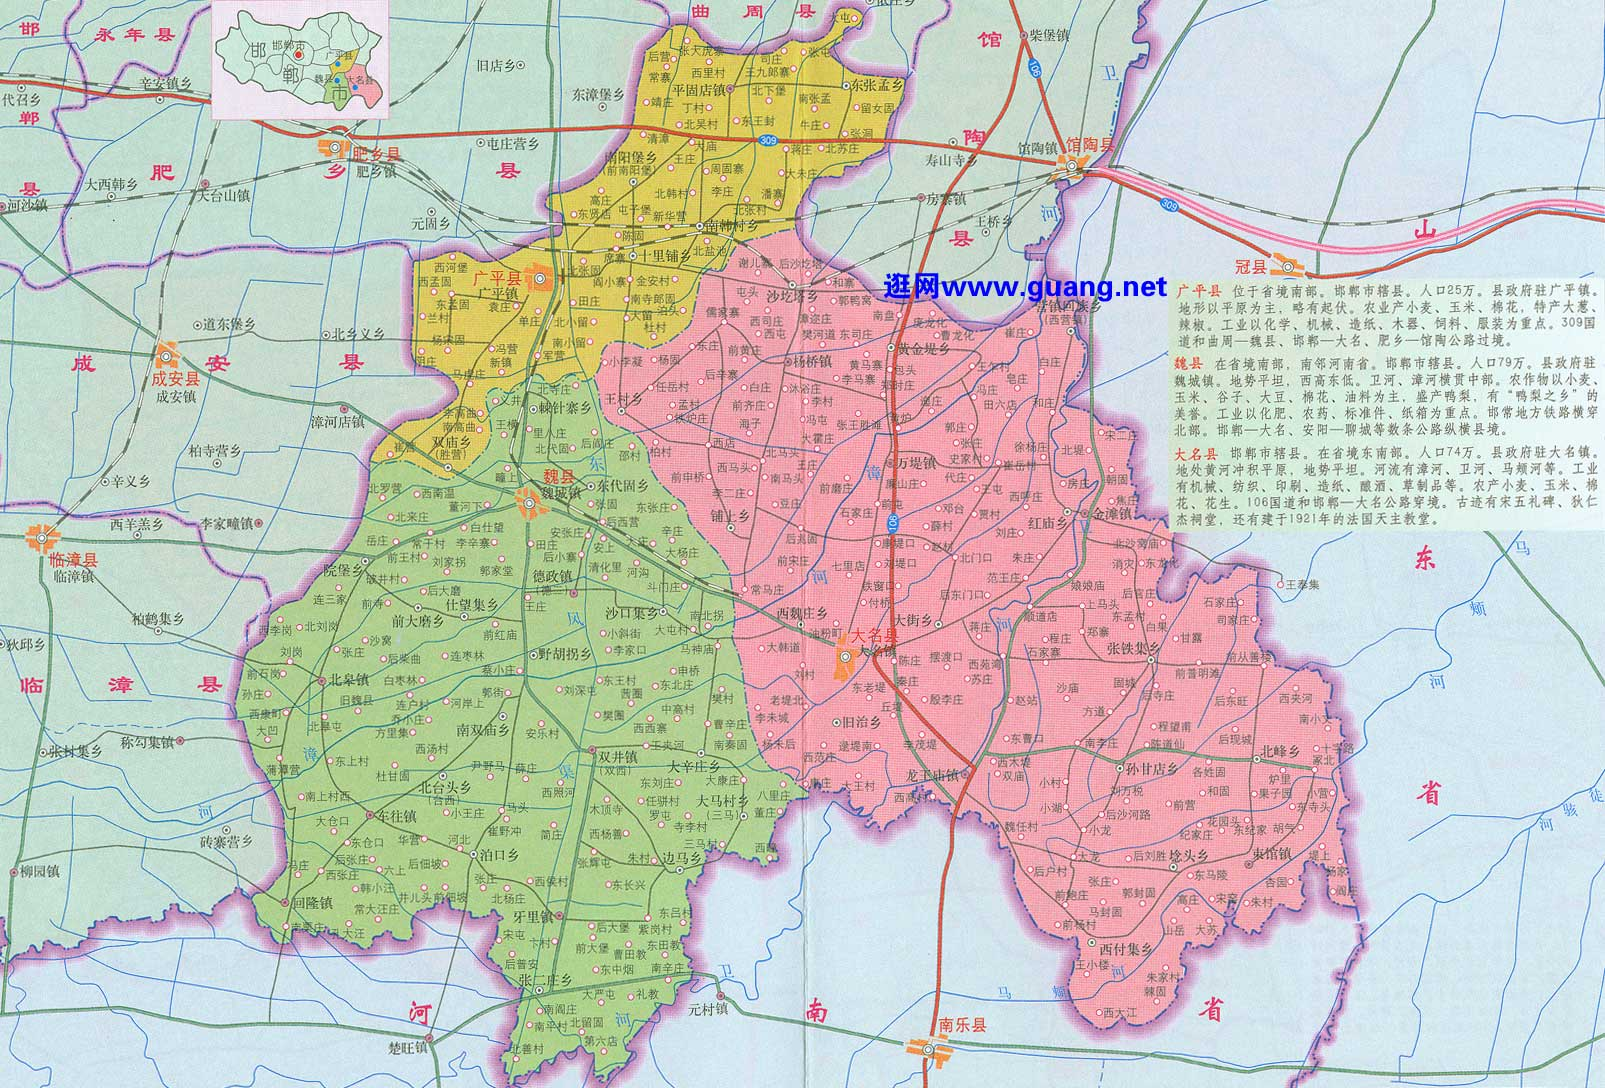 山东地图高清版大图片